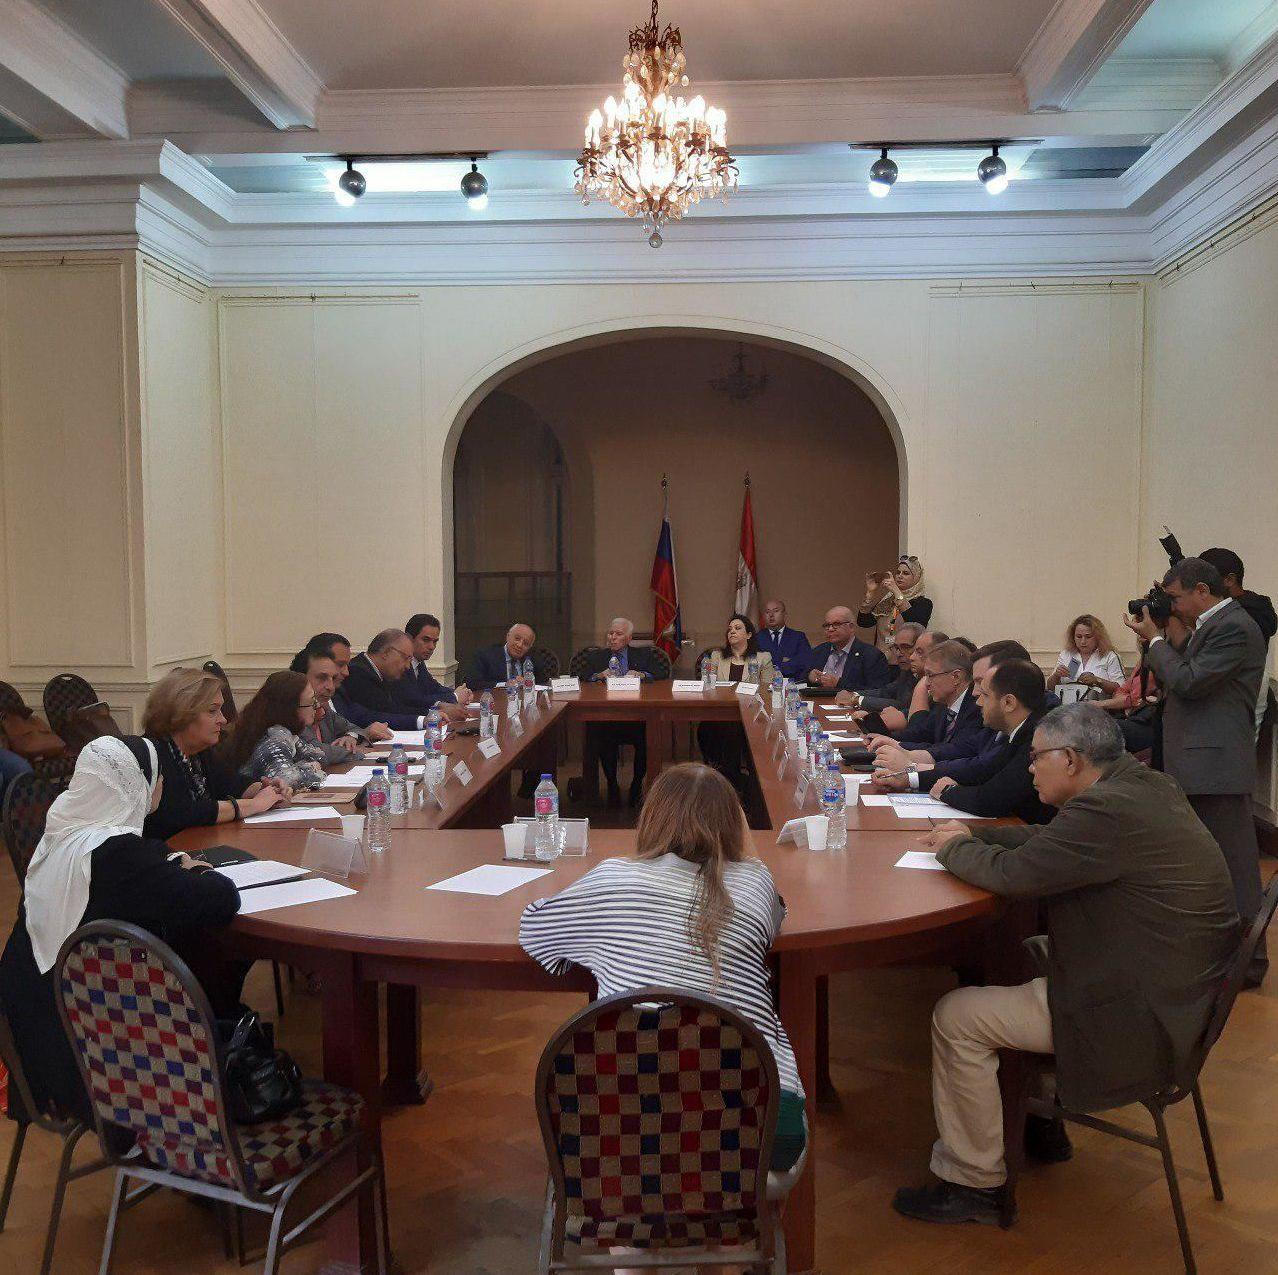 أقيمت مائدة مستديرة تحت عنوان روسيا ومصر: حوار إنساني من أجل المستقبل احتفالا بذكرى ميلاد يفغيني بريماكوف الـ90، 28 أكتوبر/تشرين الأول 2019